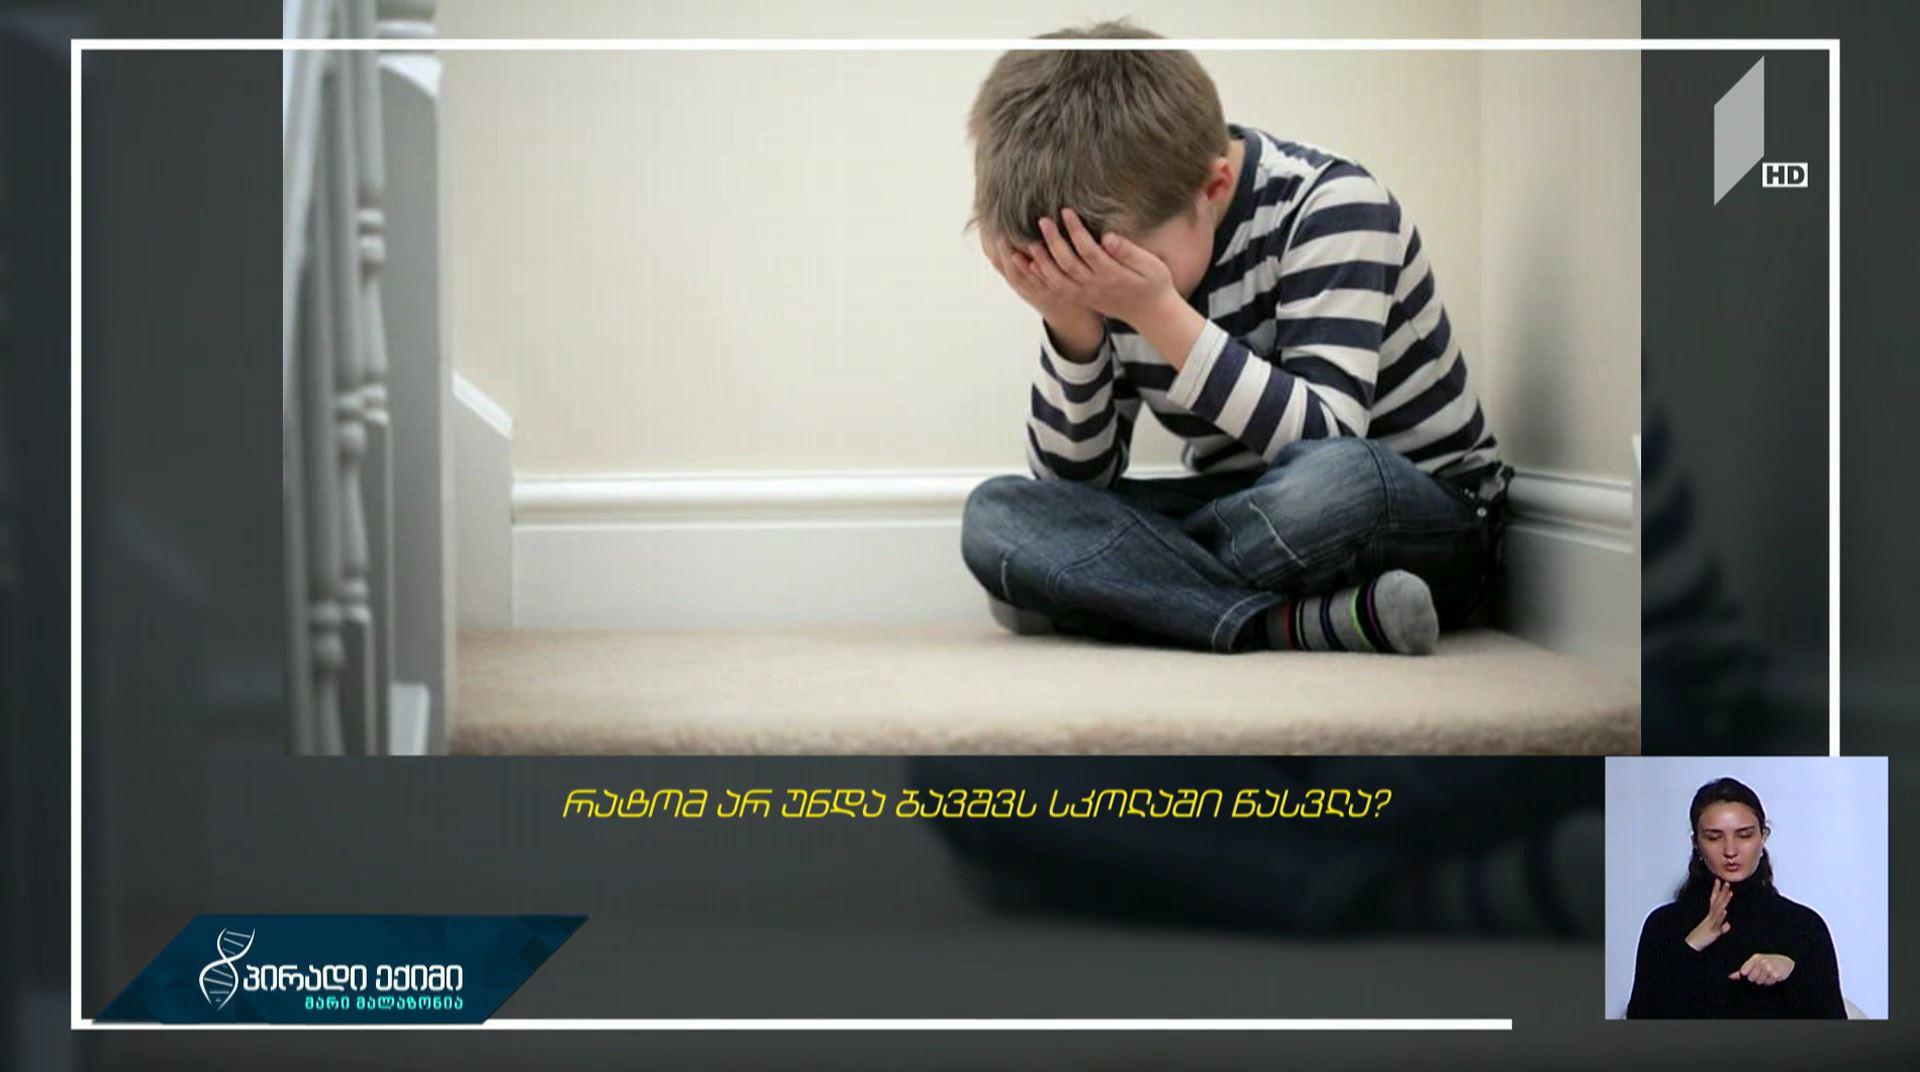 #პირადიექიმი რატომ არ უნდა ბავშვს სკოლაში წასვლა - სპეციალისტები მიზეზებზე საუბრობენ